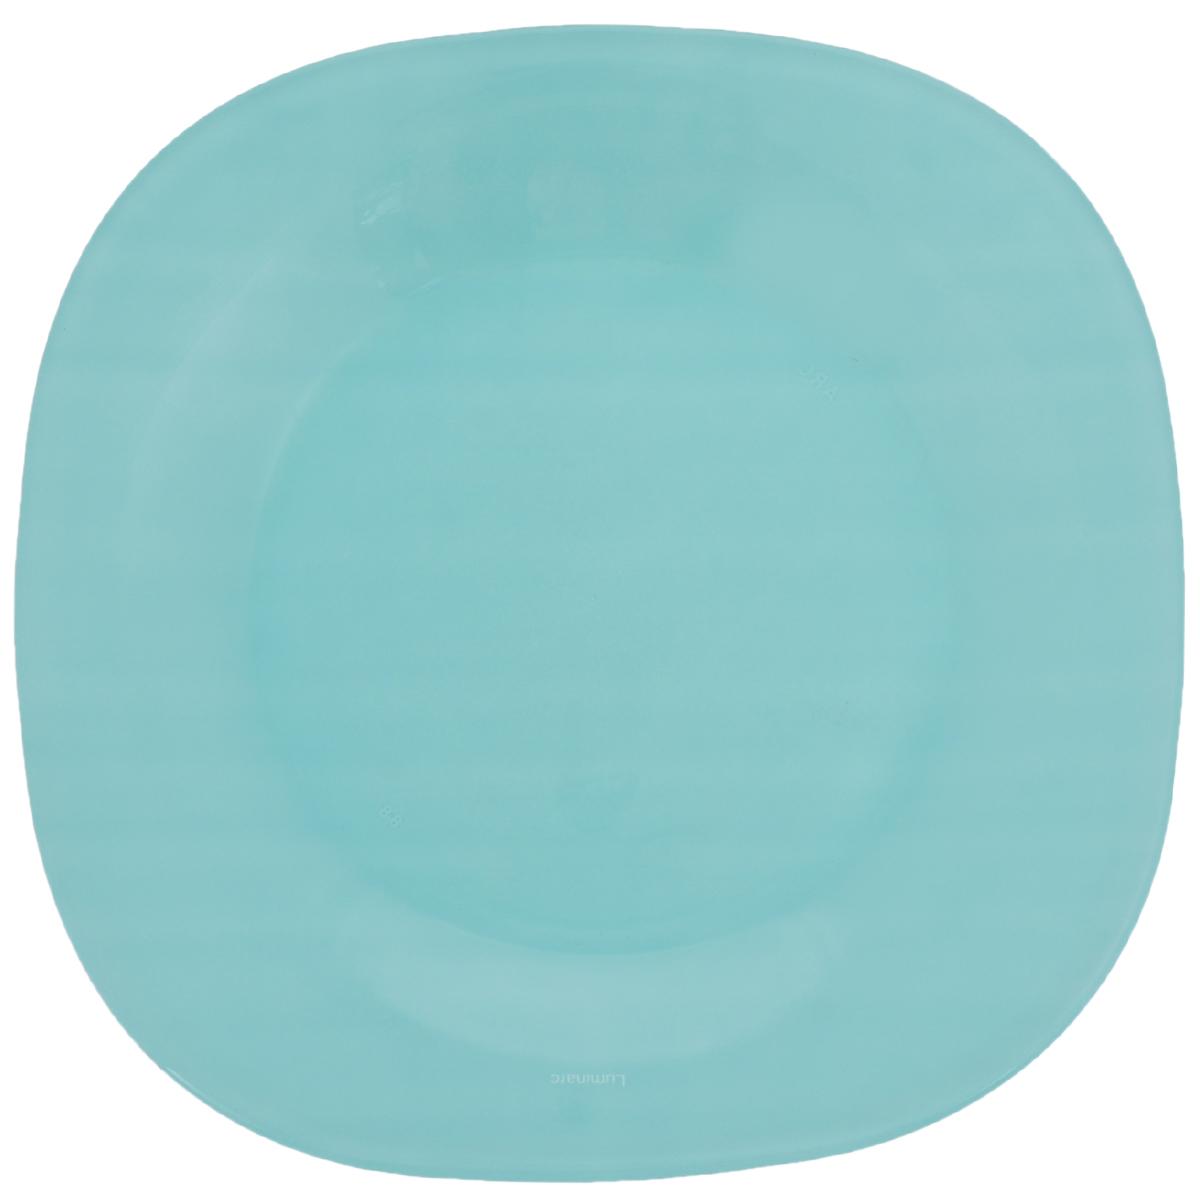 Тарелка десертная Luminarc Carine Colorama, 18 х 18 смJ7757Десертная тарелка Luminarc Carine Colorama, изготовленная из ударопрочного стекла, имеет изысканный внешний вид. Такая тарелка прекрасно подходит как для торжественных случаев, так и для повседневного использования. Идеальна для подачи десертов, пирожных, тортов и многого другого. Она прекрасно оформит стол и станет отличным дополнением к вашей коллекции кухонной посуды. Размер тарелки: 18 х 18 х 1,8 см.